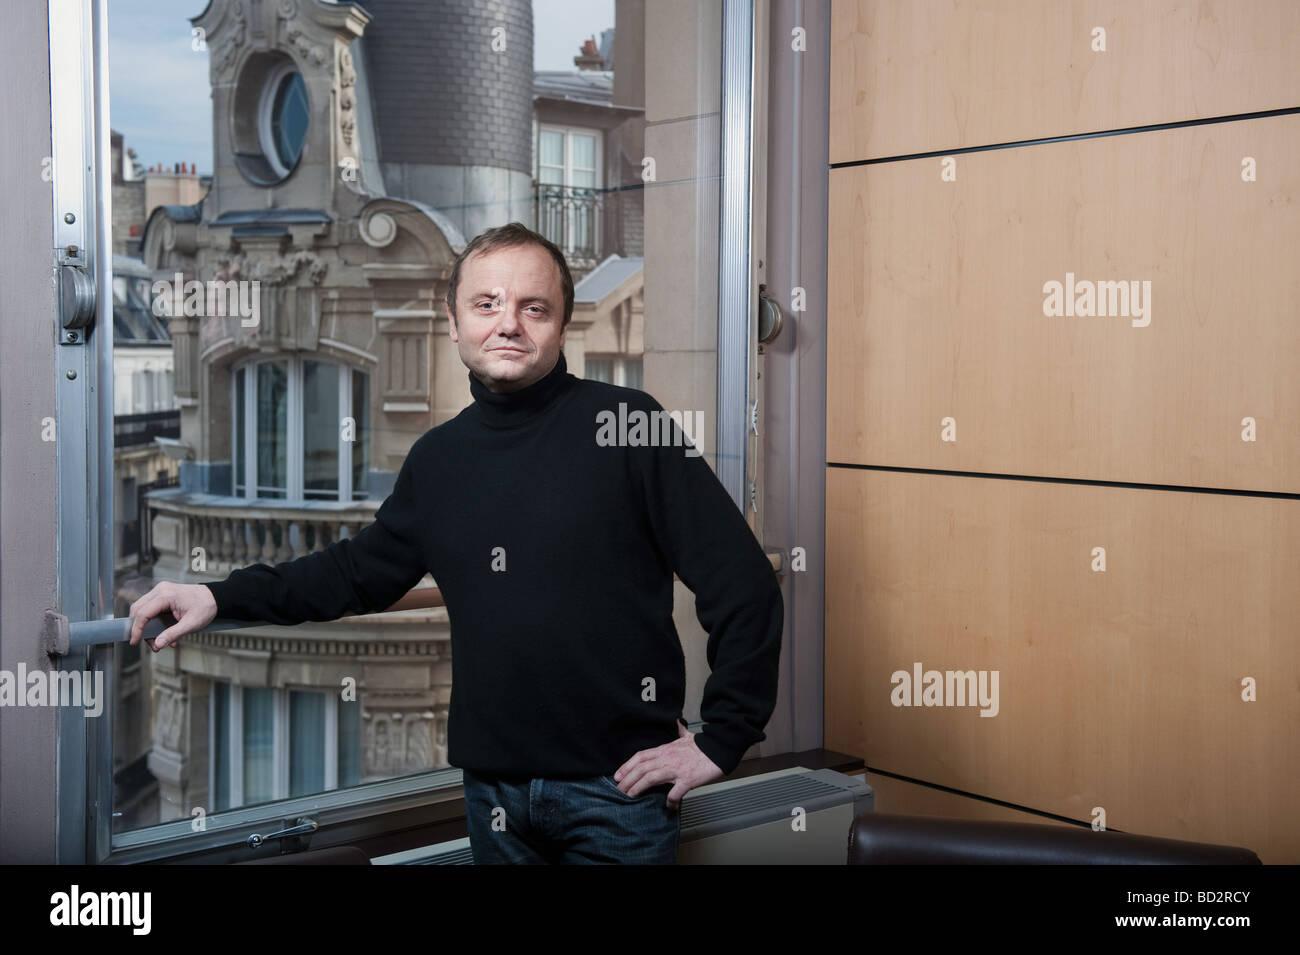 Hombre de 50 años en la ventana, París Imagen De Stock